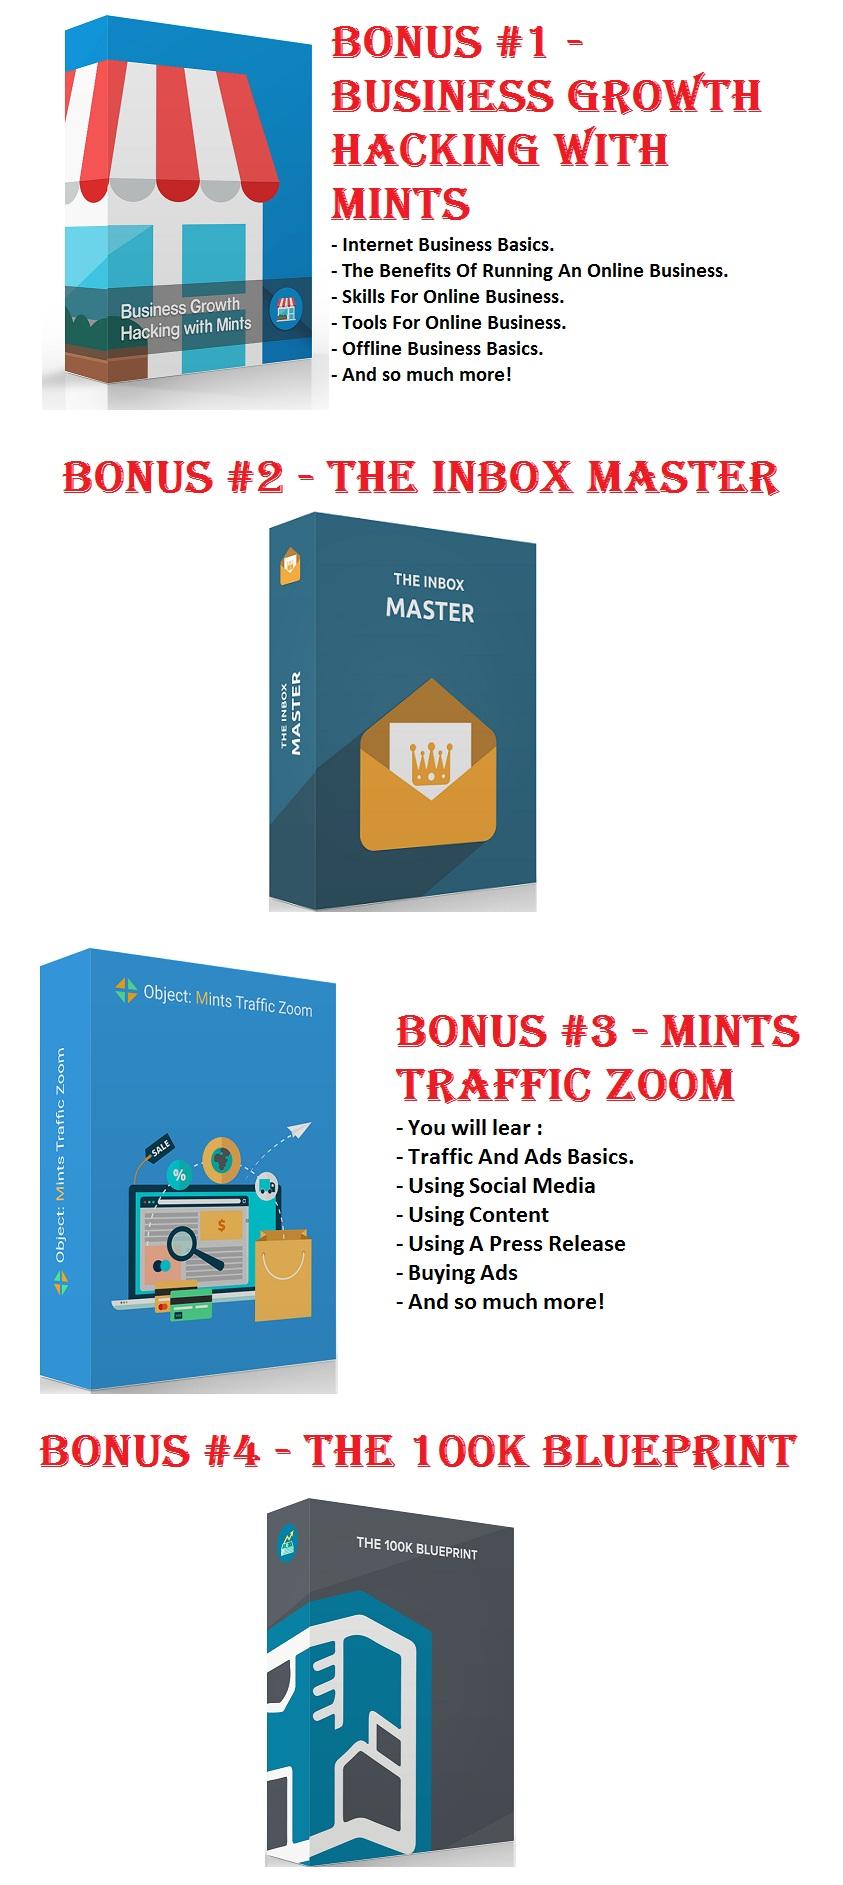 Mints App Bonus